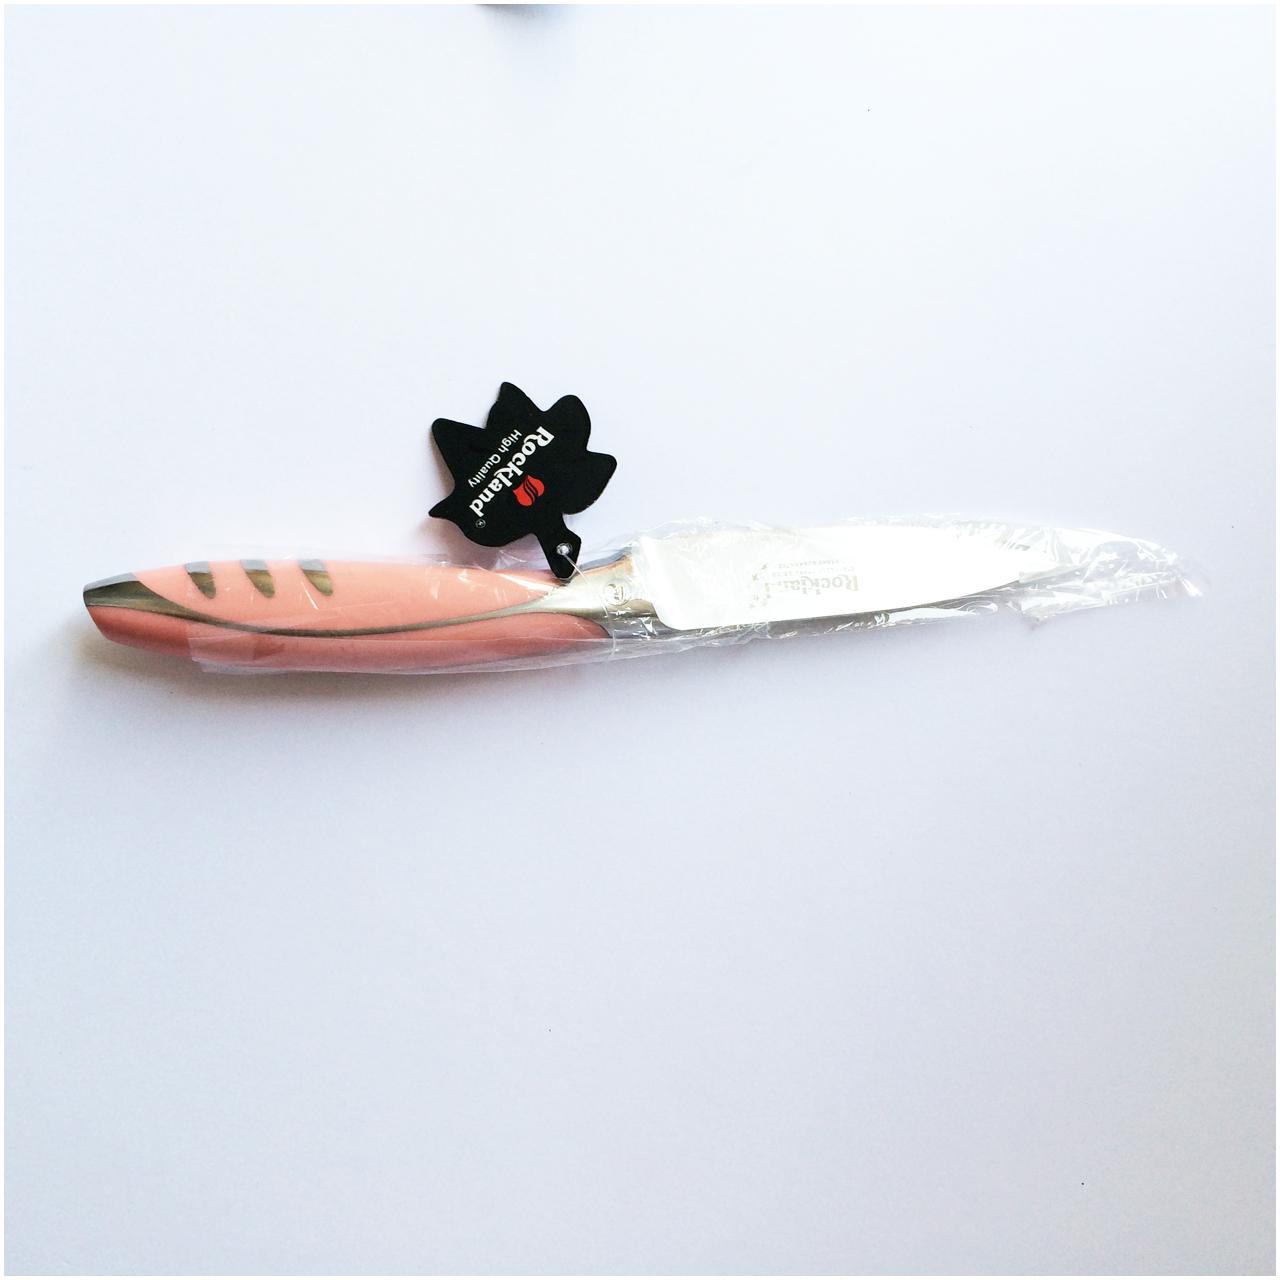 سرویس چاقو 8 پارچه راکلند کد 2102